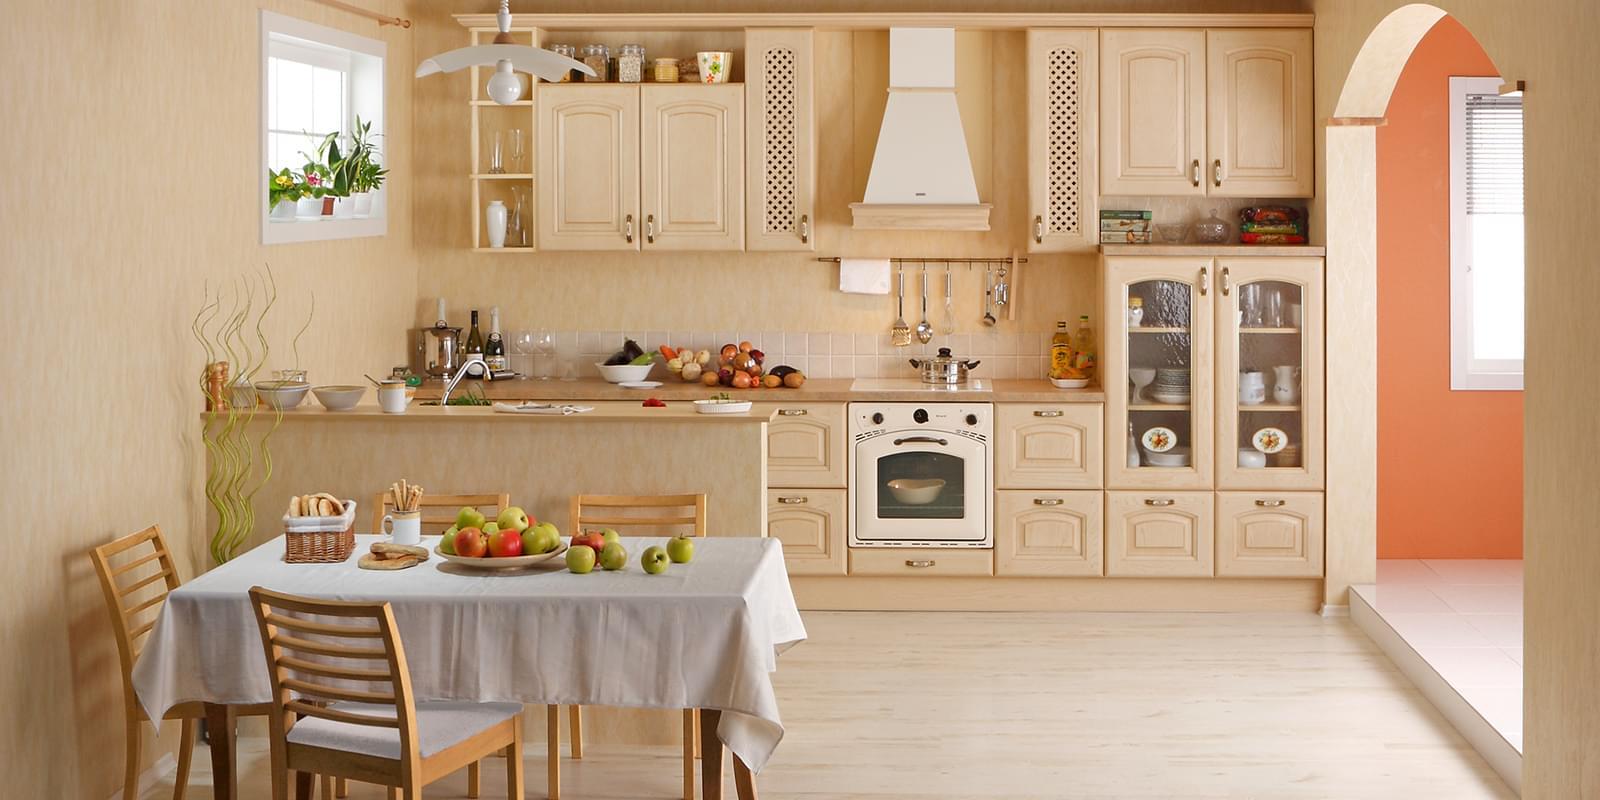 Küchenmodelle  Küchen Dialog - Küchenmodelle